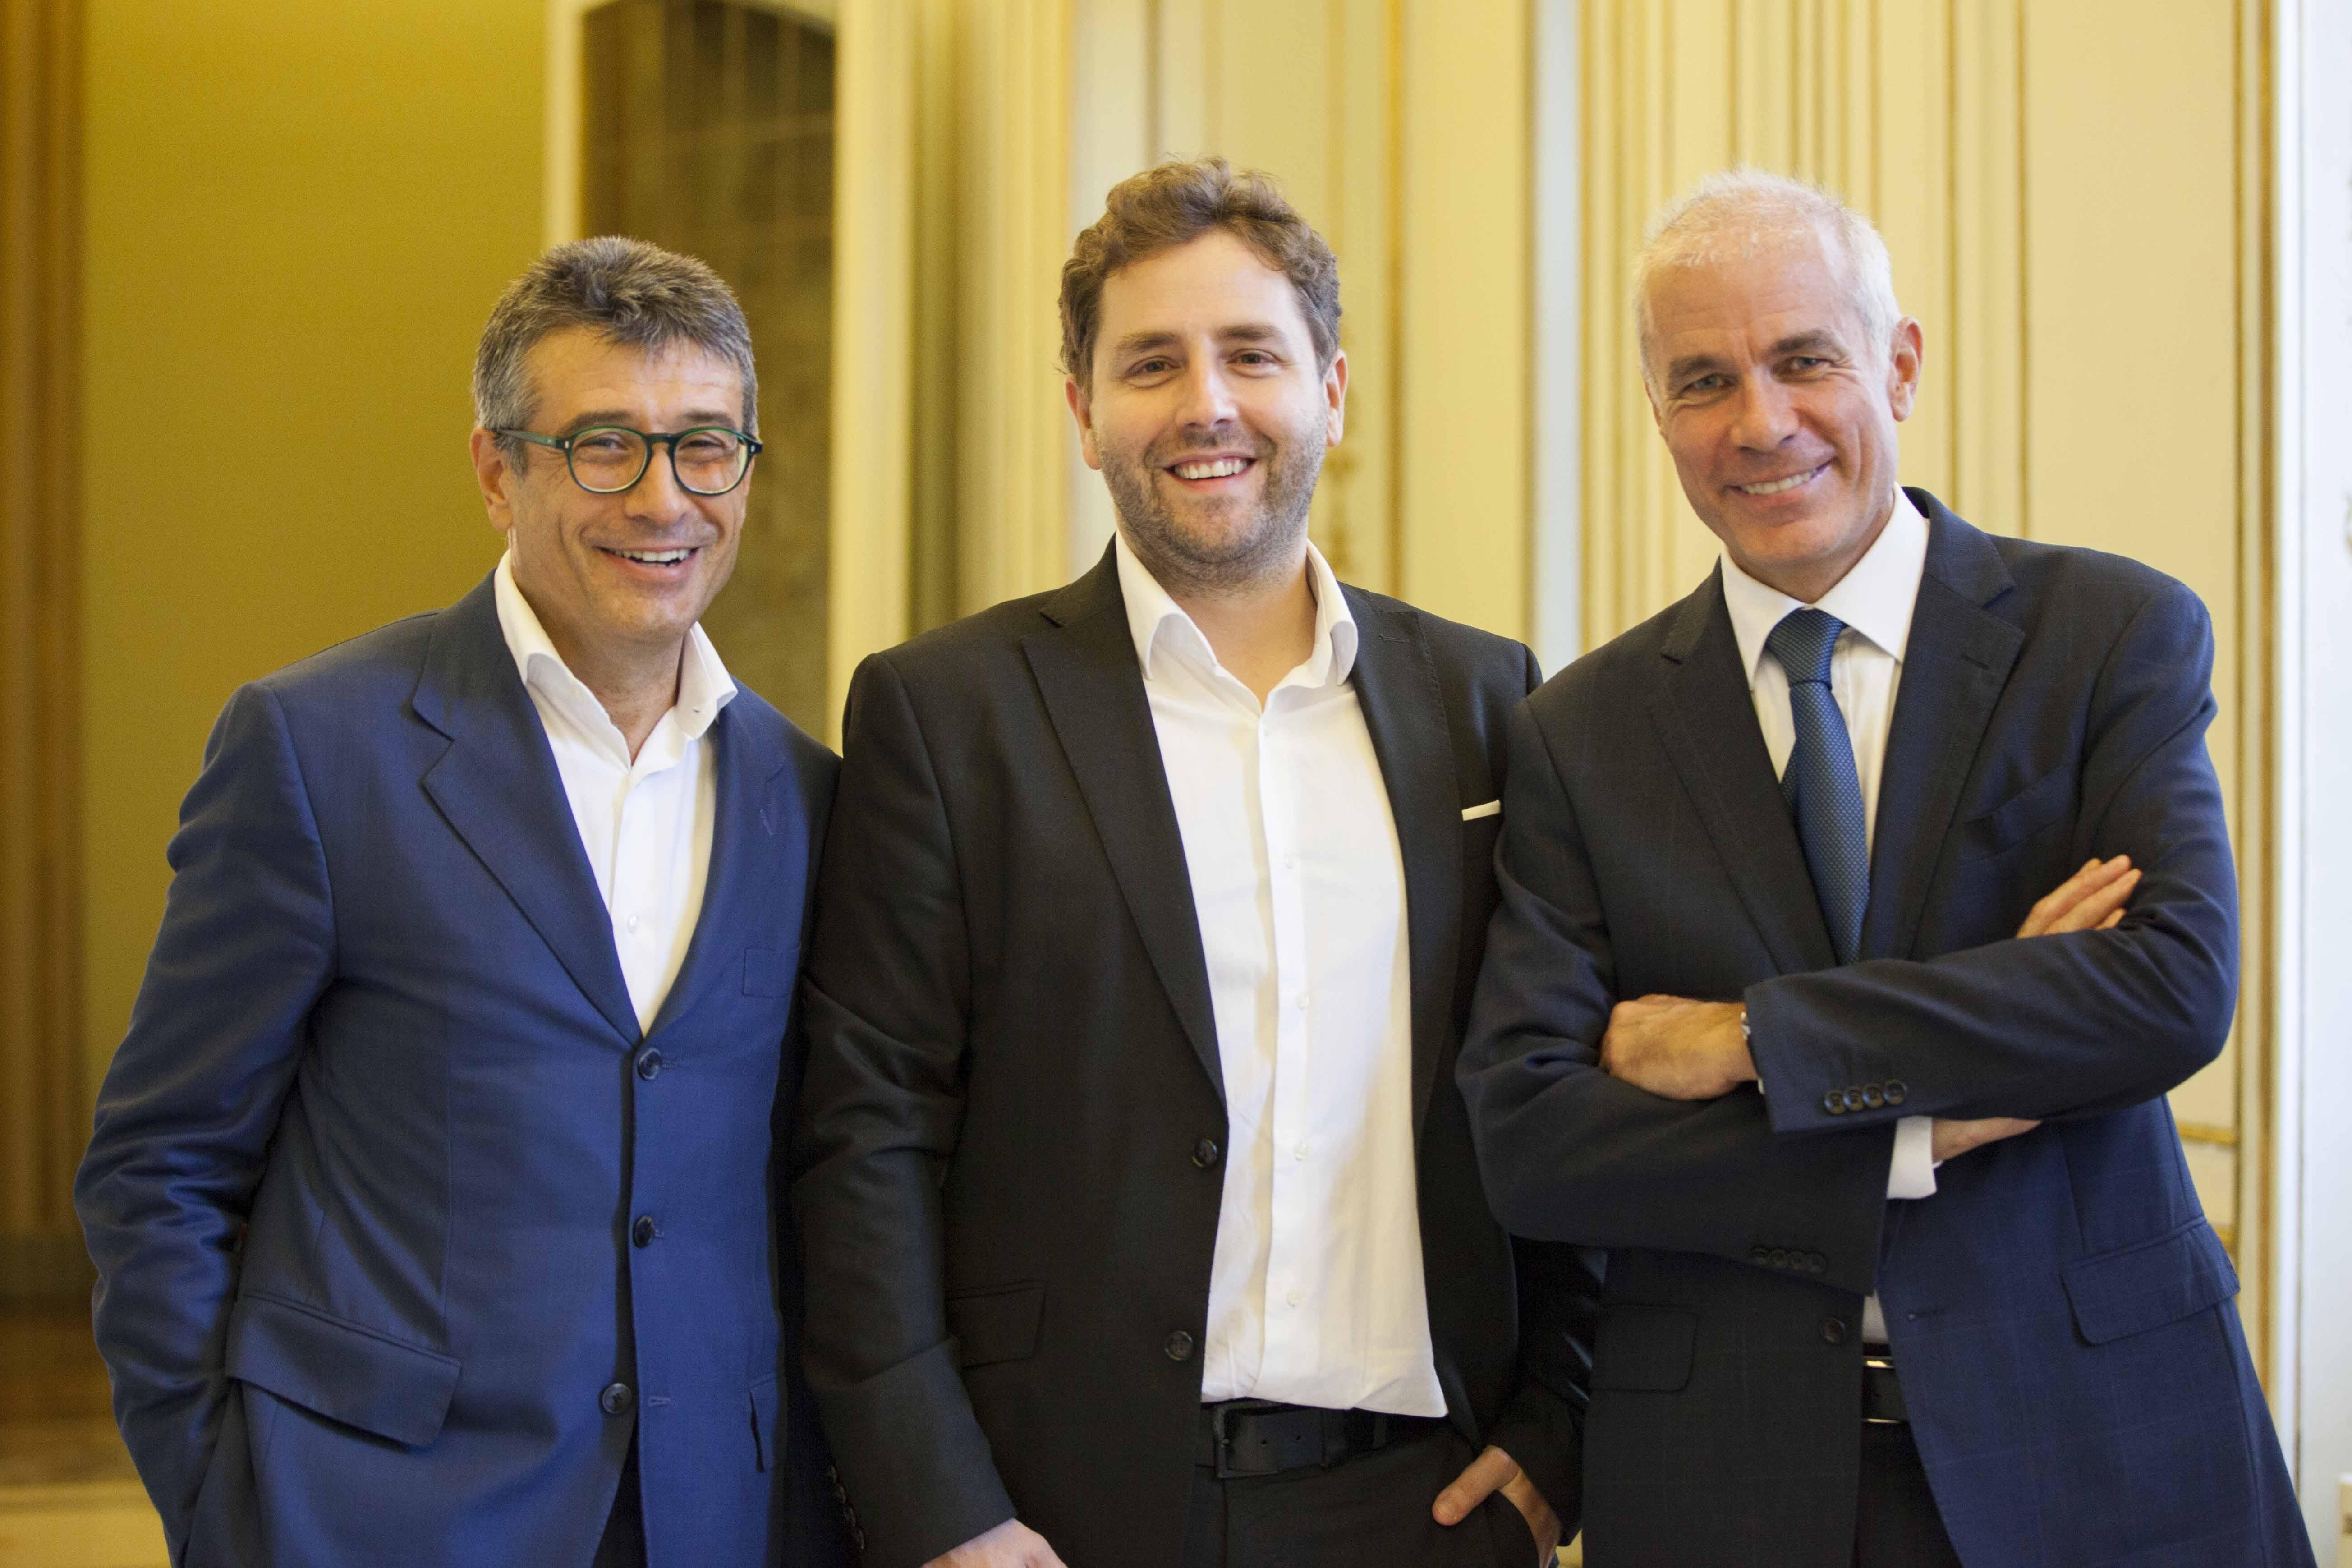 Fabio Troiani (a sinistra) e Carlo Capè (a destra), co-fondatori e AD di BIP, con Luca Mascaro, AD di Sketchin